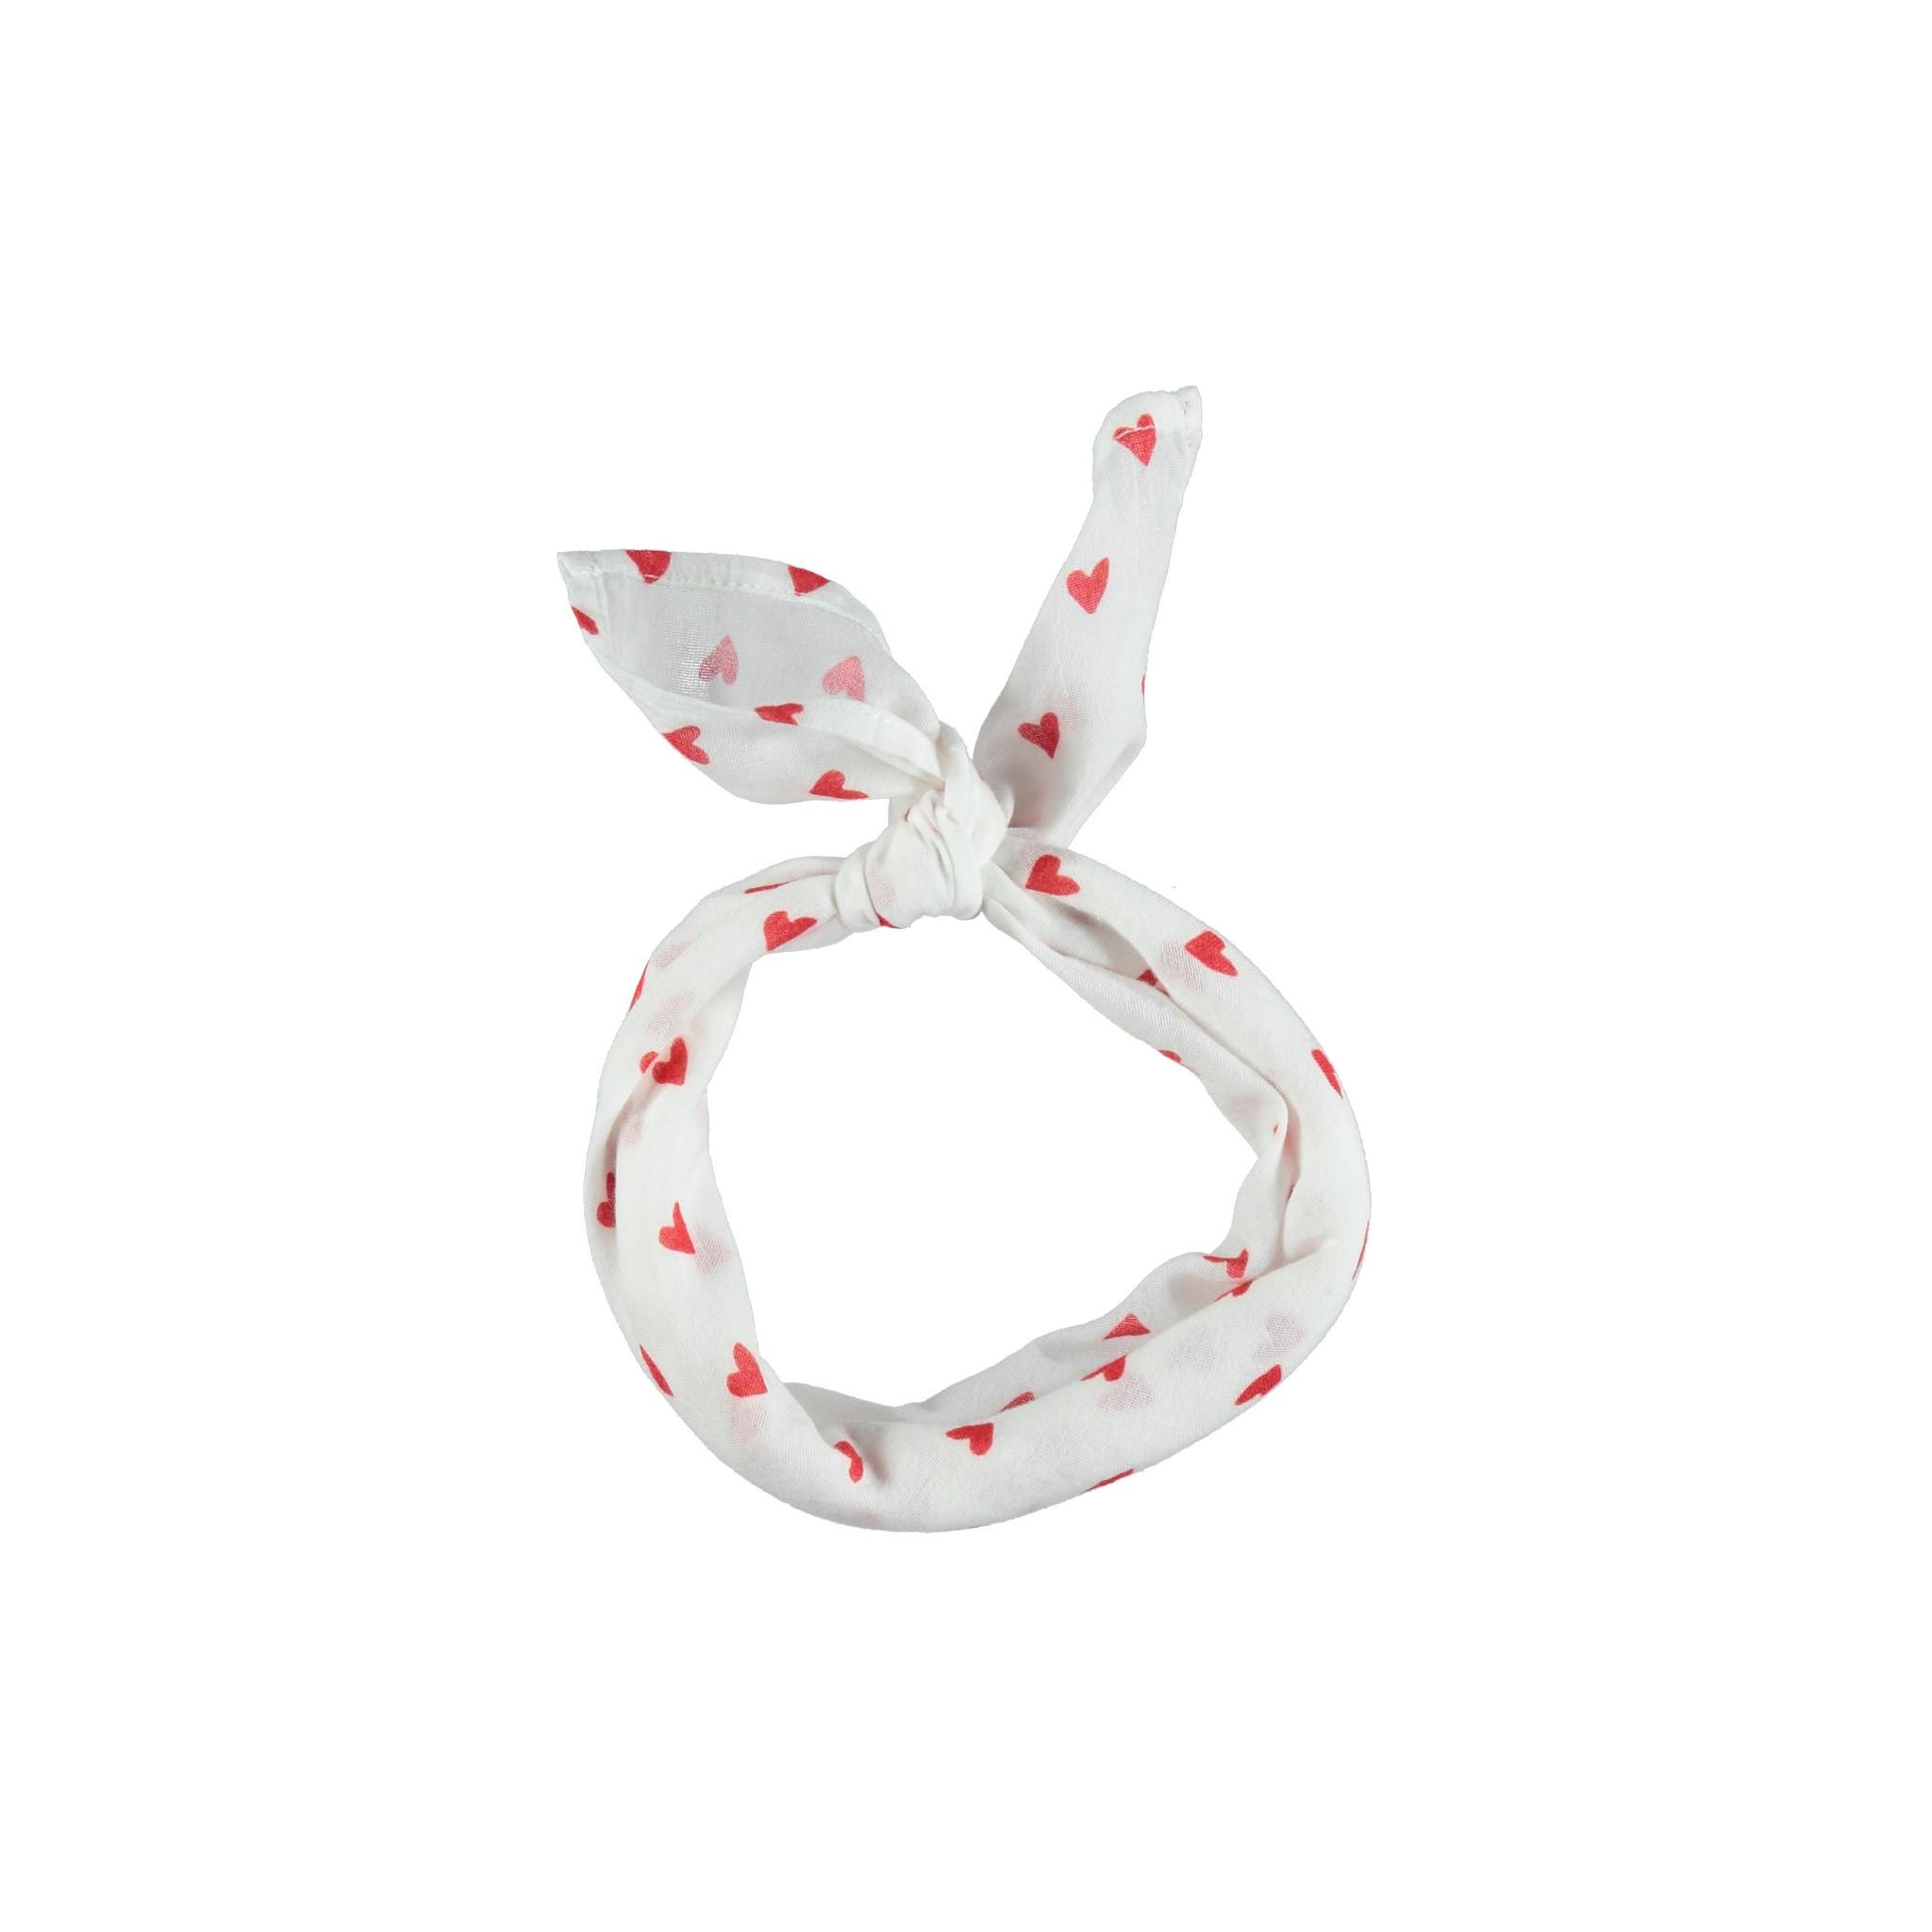 piupiuchick Bandana | red hearts pattern